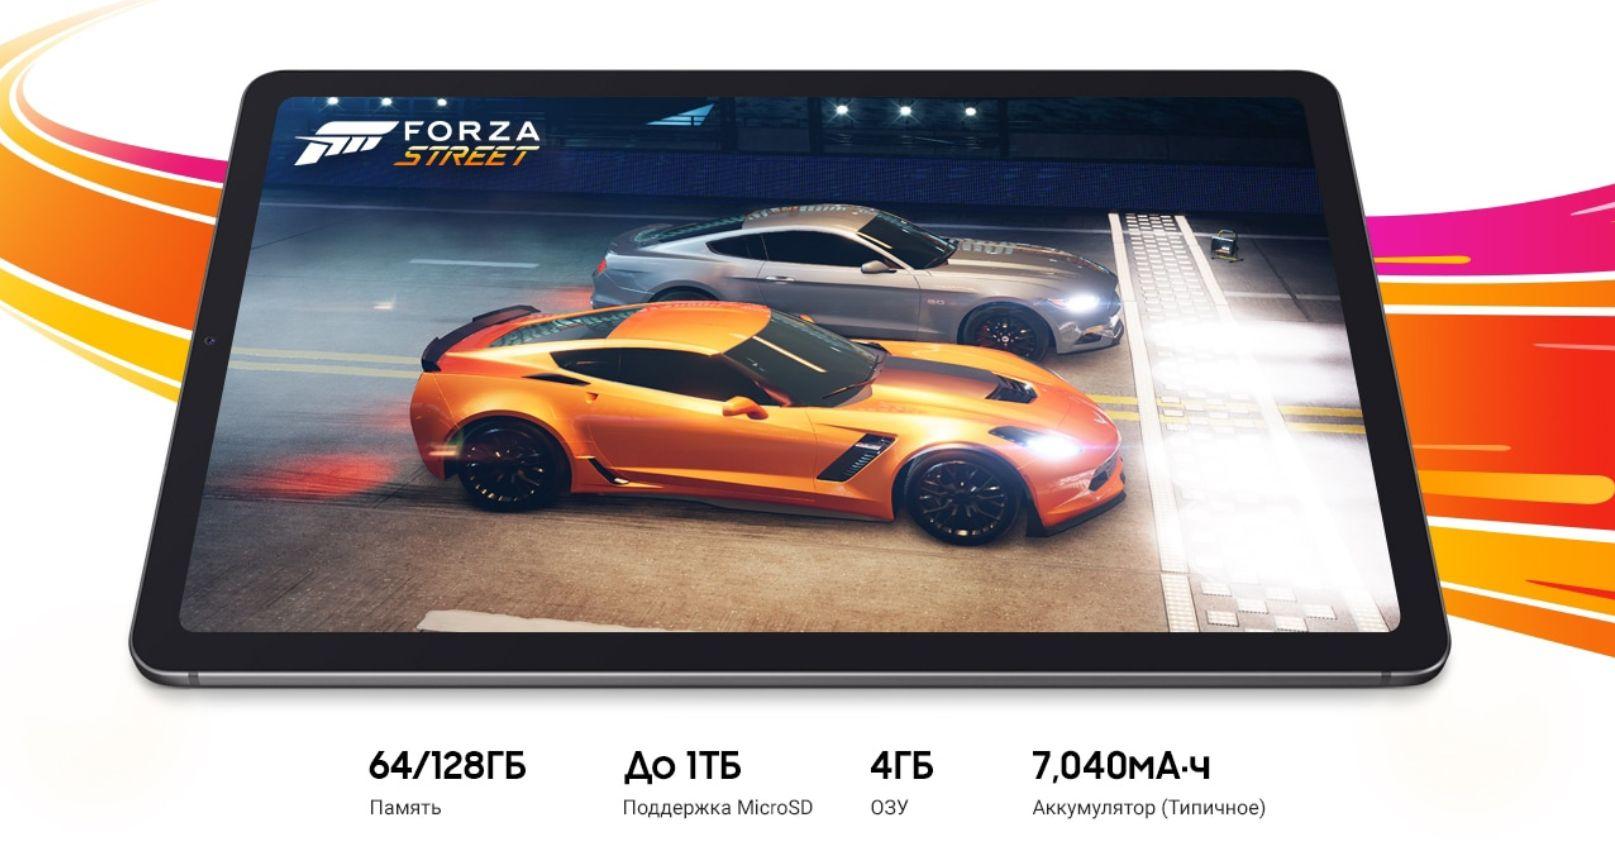 Главные параметры производительности планшета Samsung Galaxy Tab S6 Lite